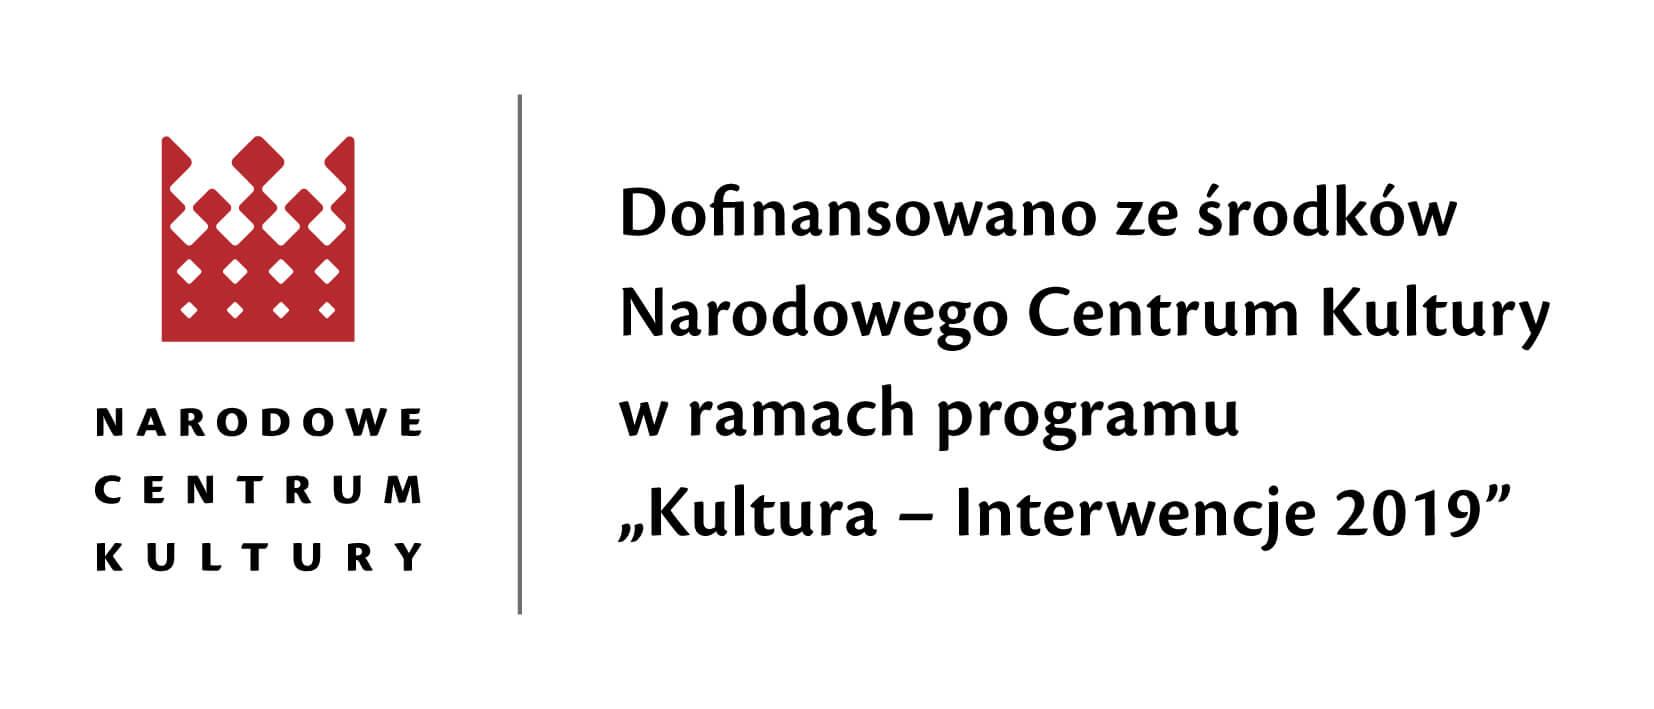 Logo NCK - dofinansowano ze środków Narodowego Centrum Kultury